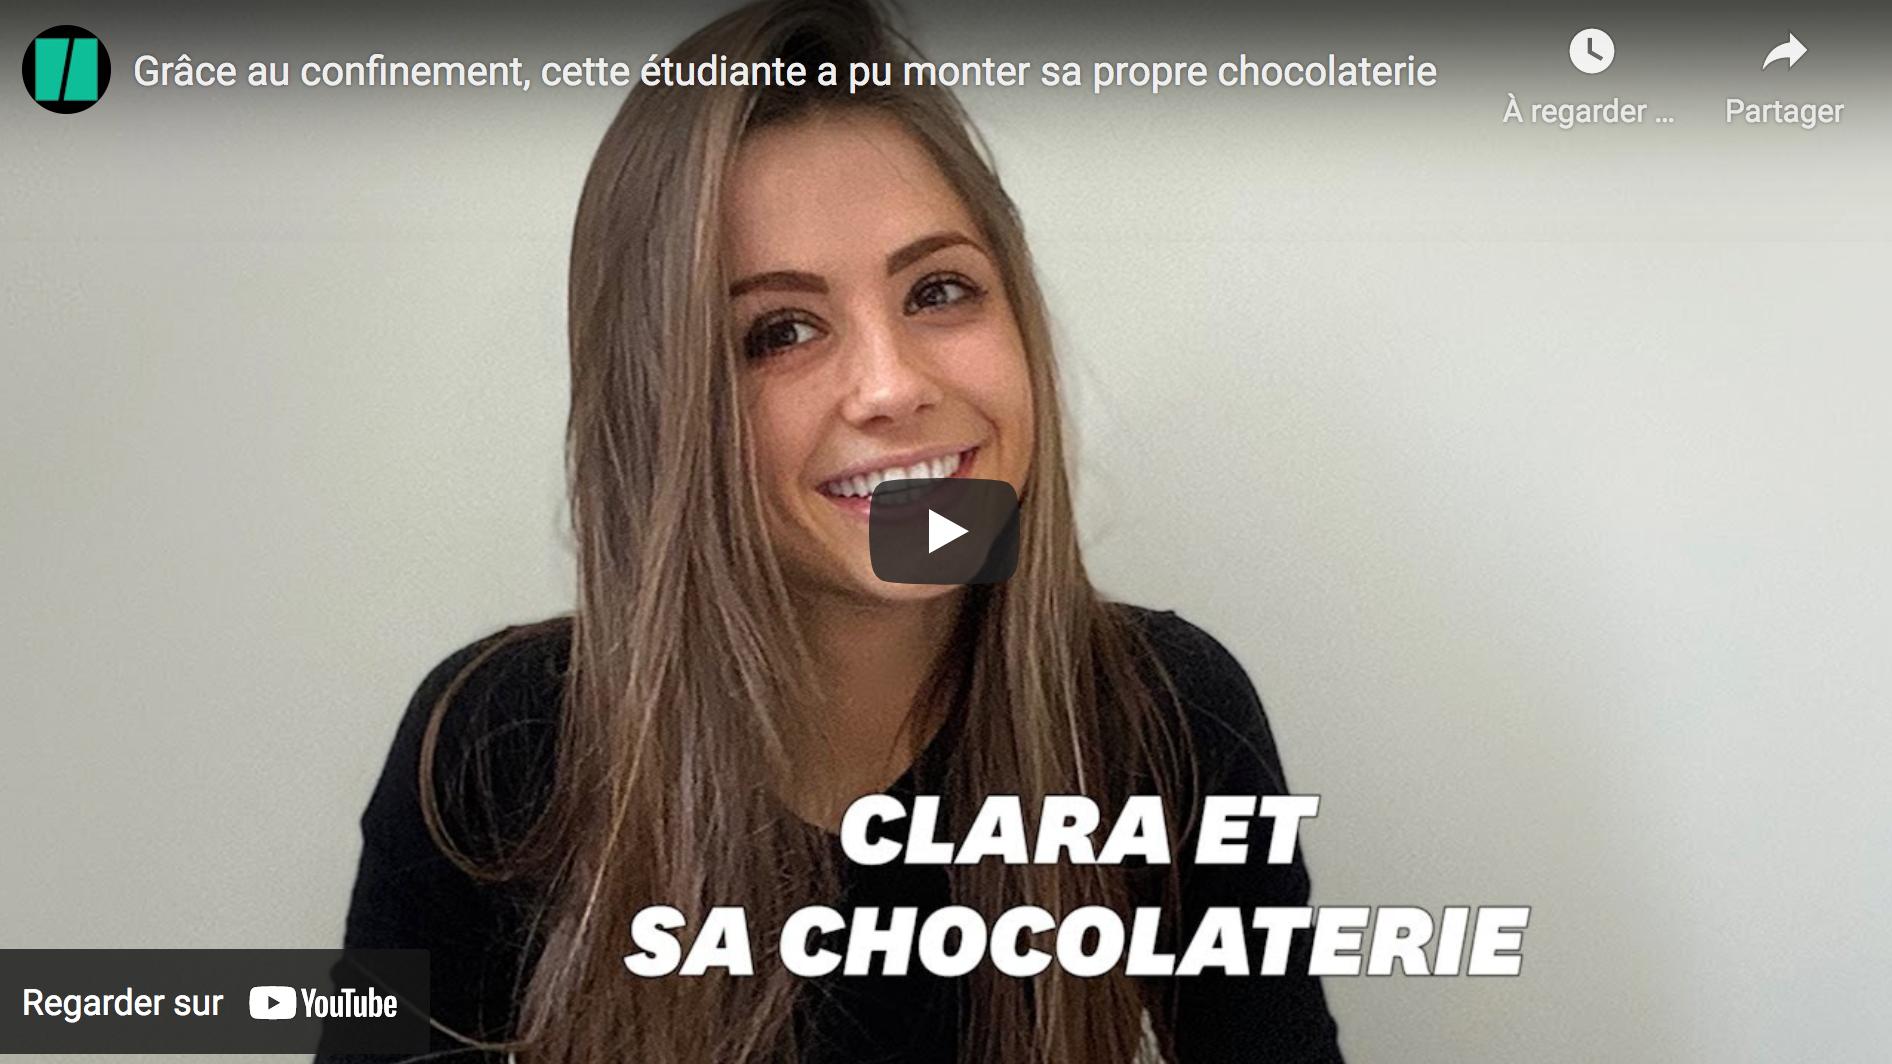 Grâce au confinement, cette étudiante a pu monter sa propre chocolaterie